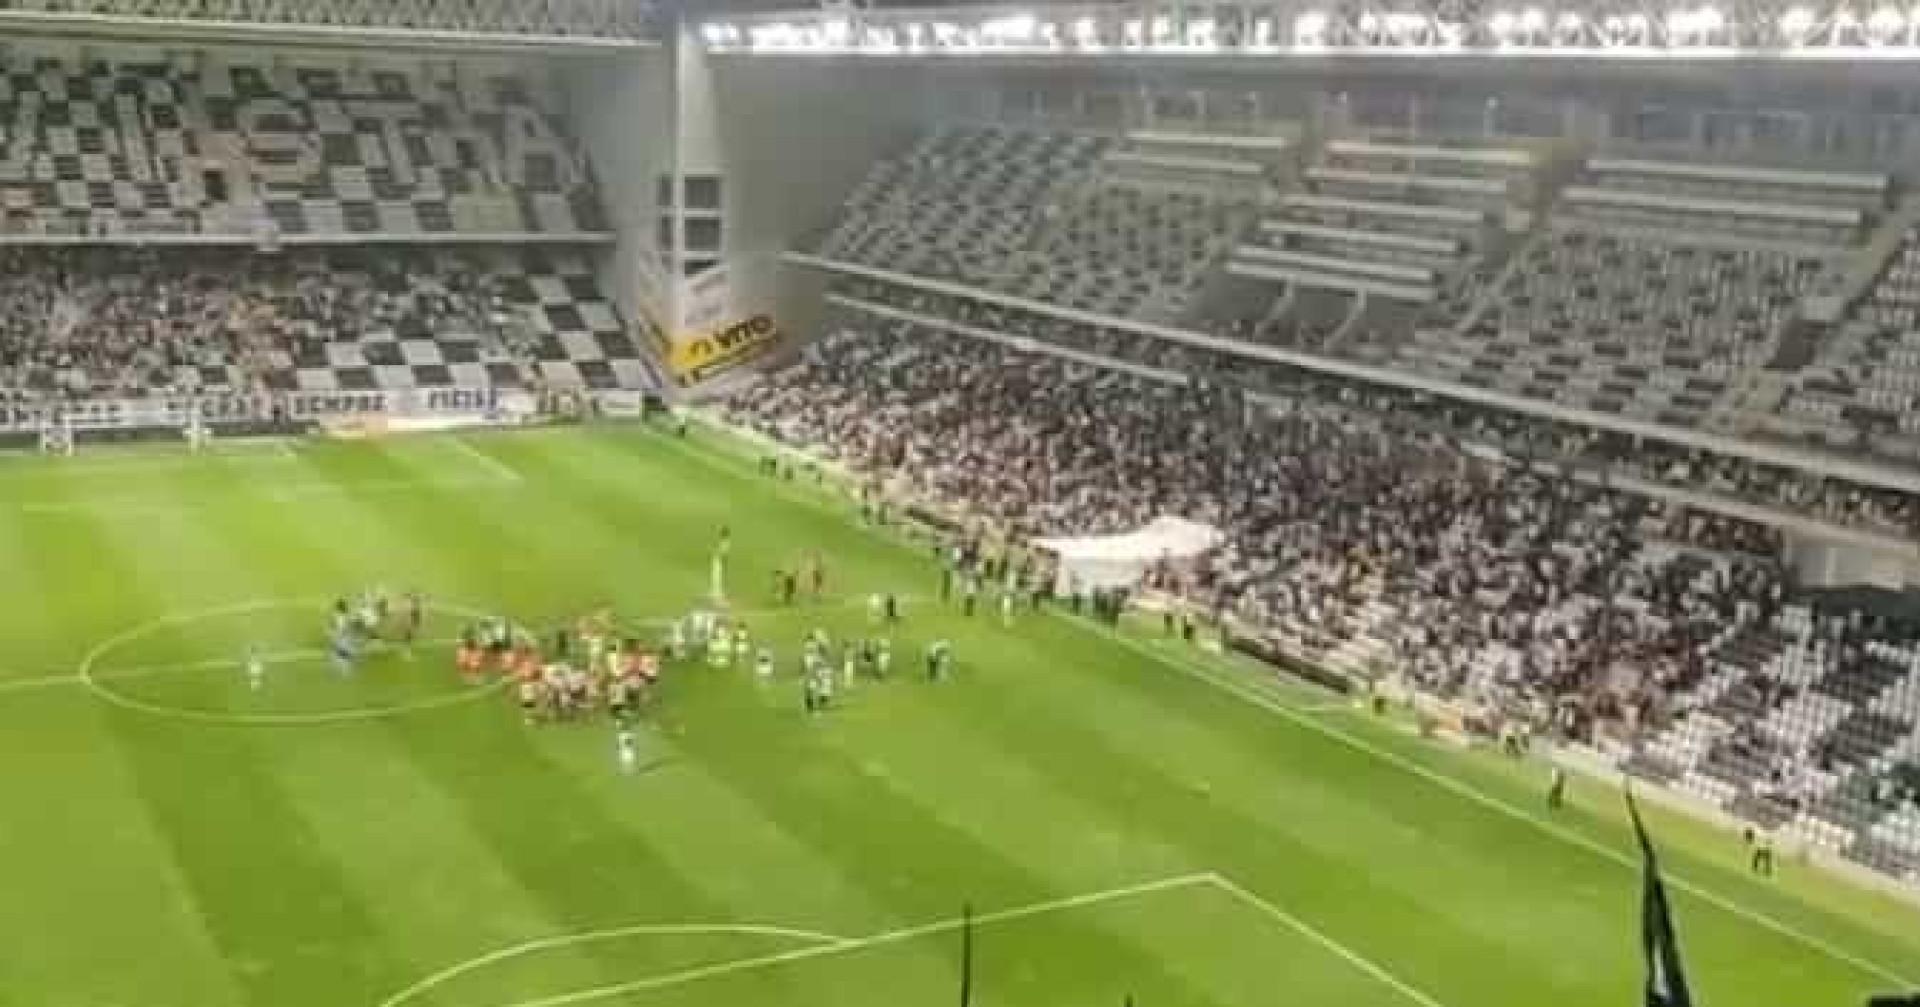 Claques do Sporting fartam-se de Varandas e gritam assim ao seu líder